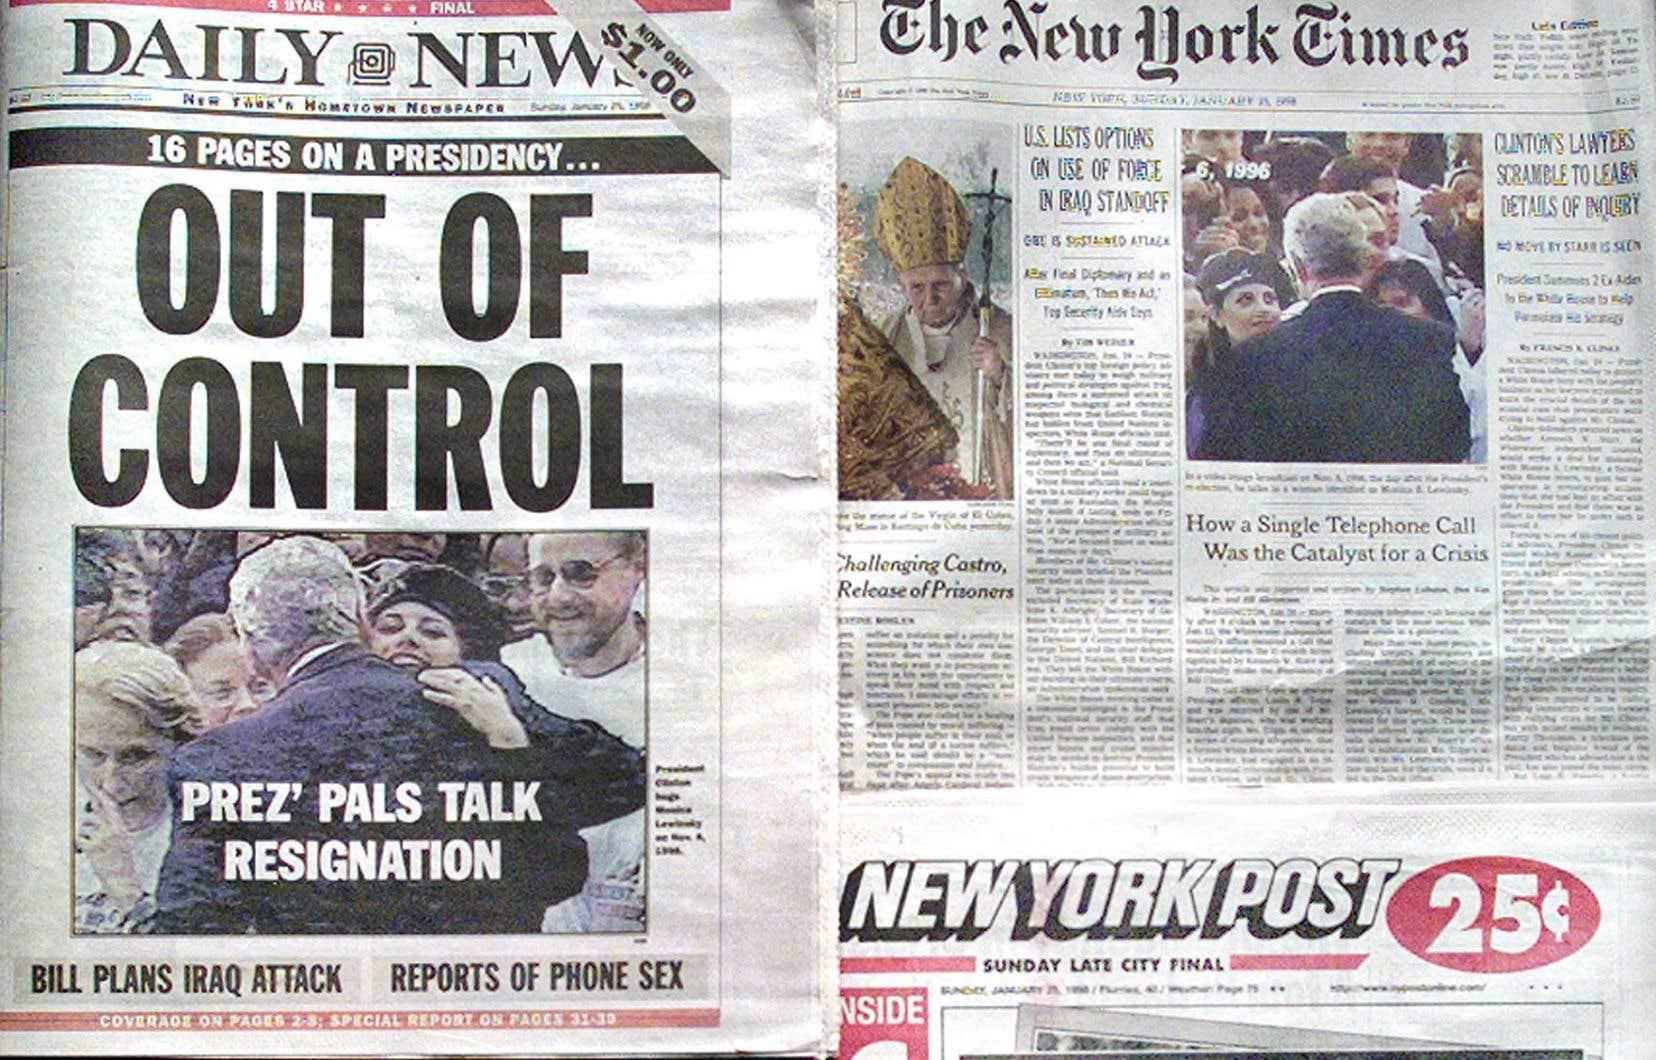 Durant plusieurs mois, la presse américaine a largement couvert le scandale entourant le président Clinton.